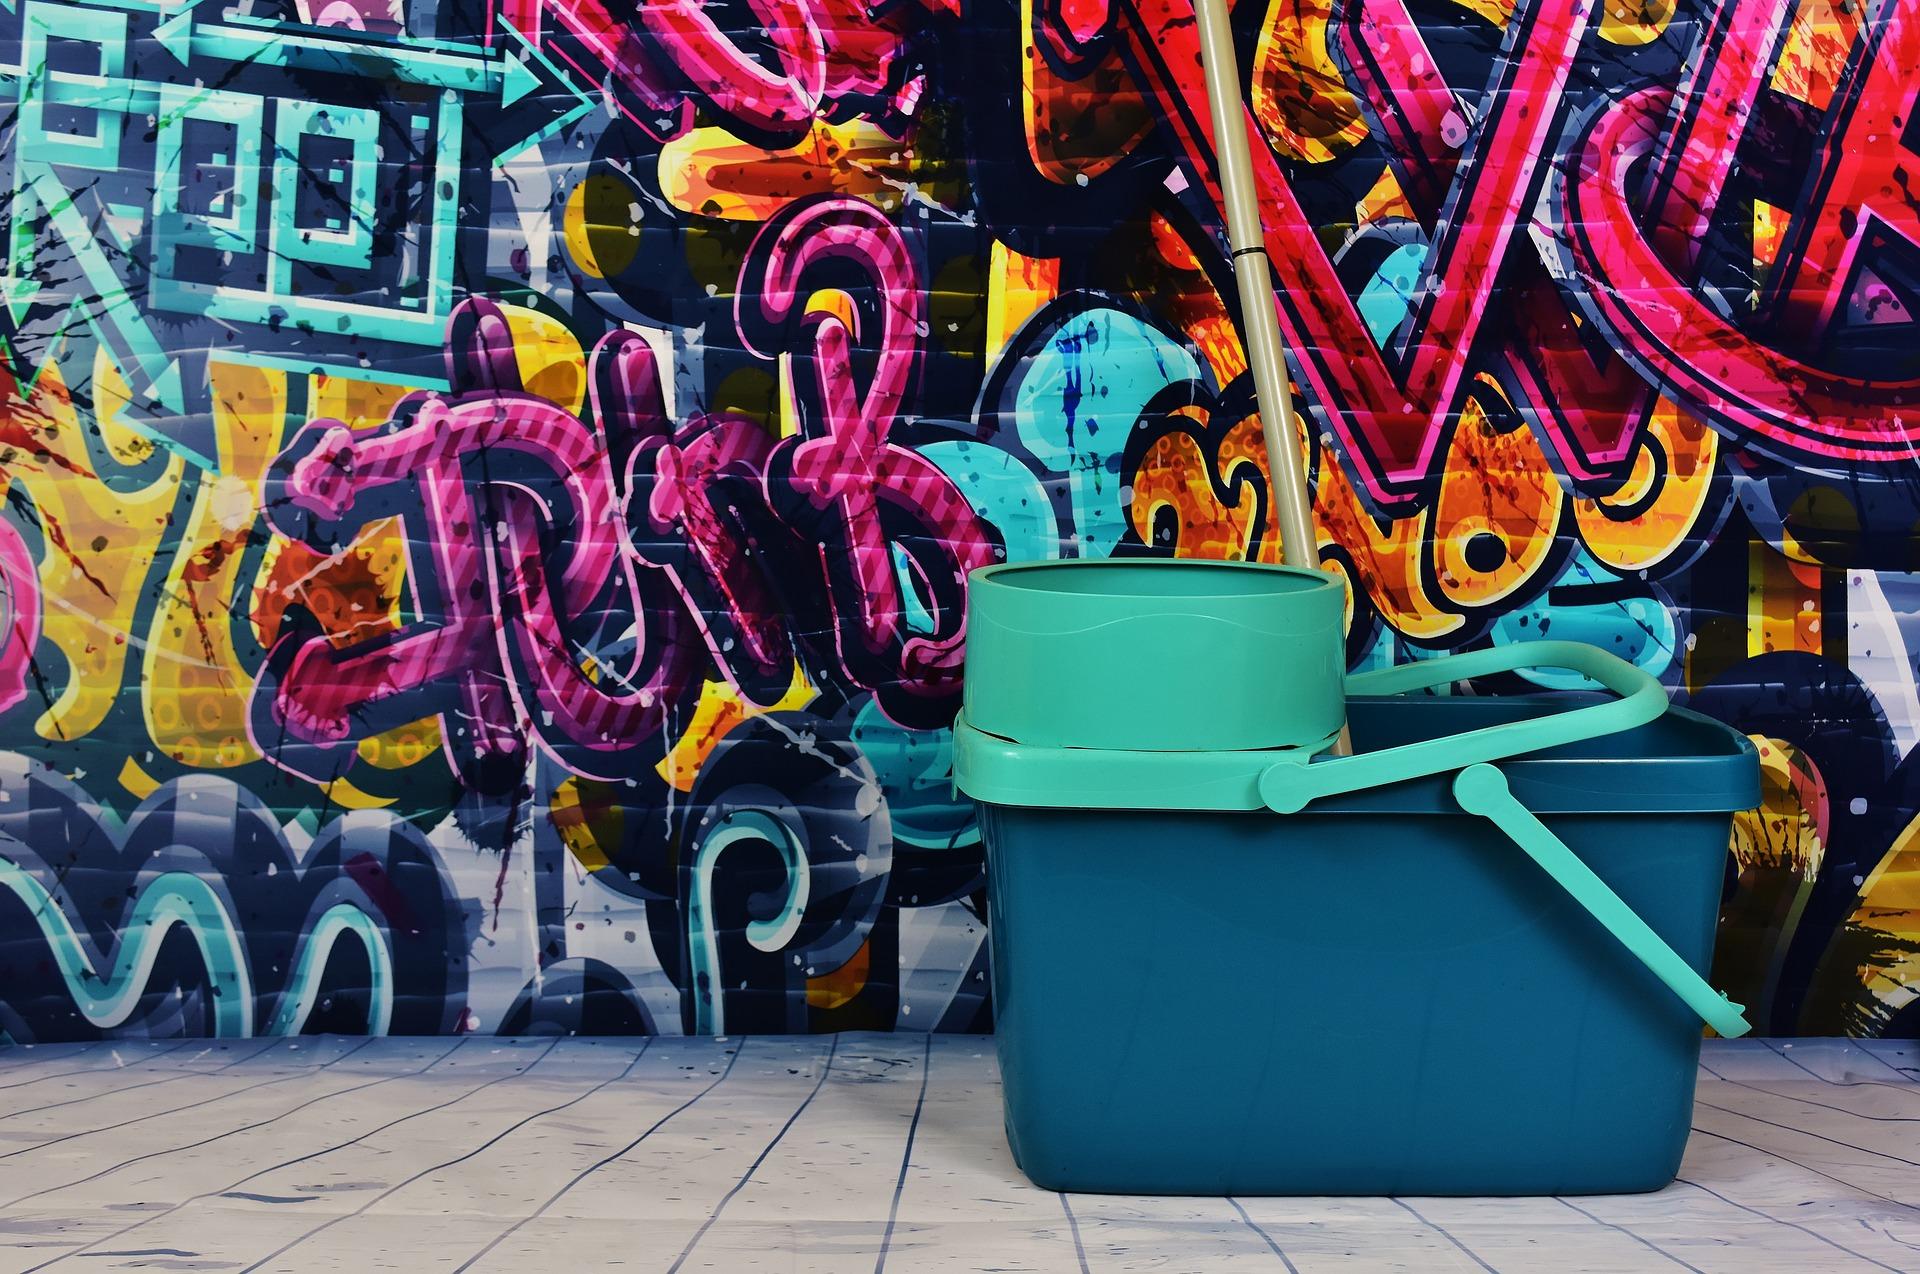 graffiti-2023845_1920.jpg